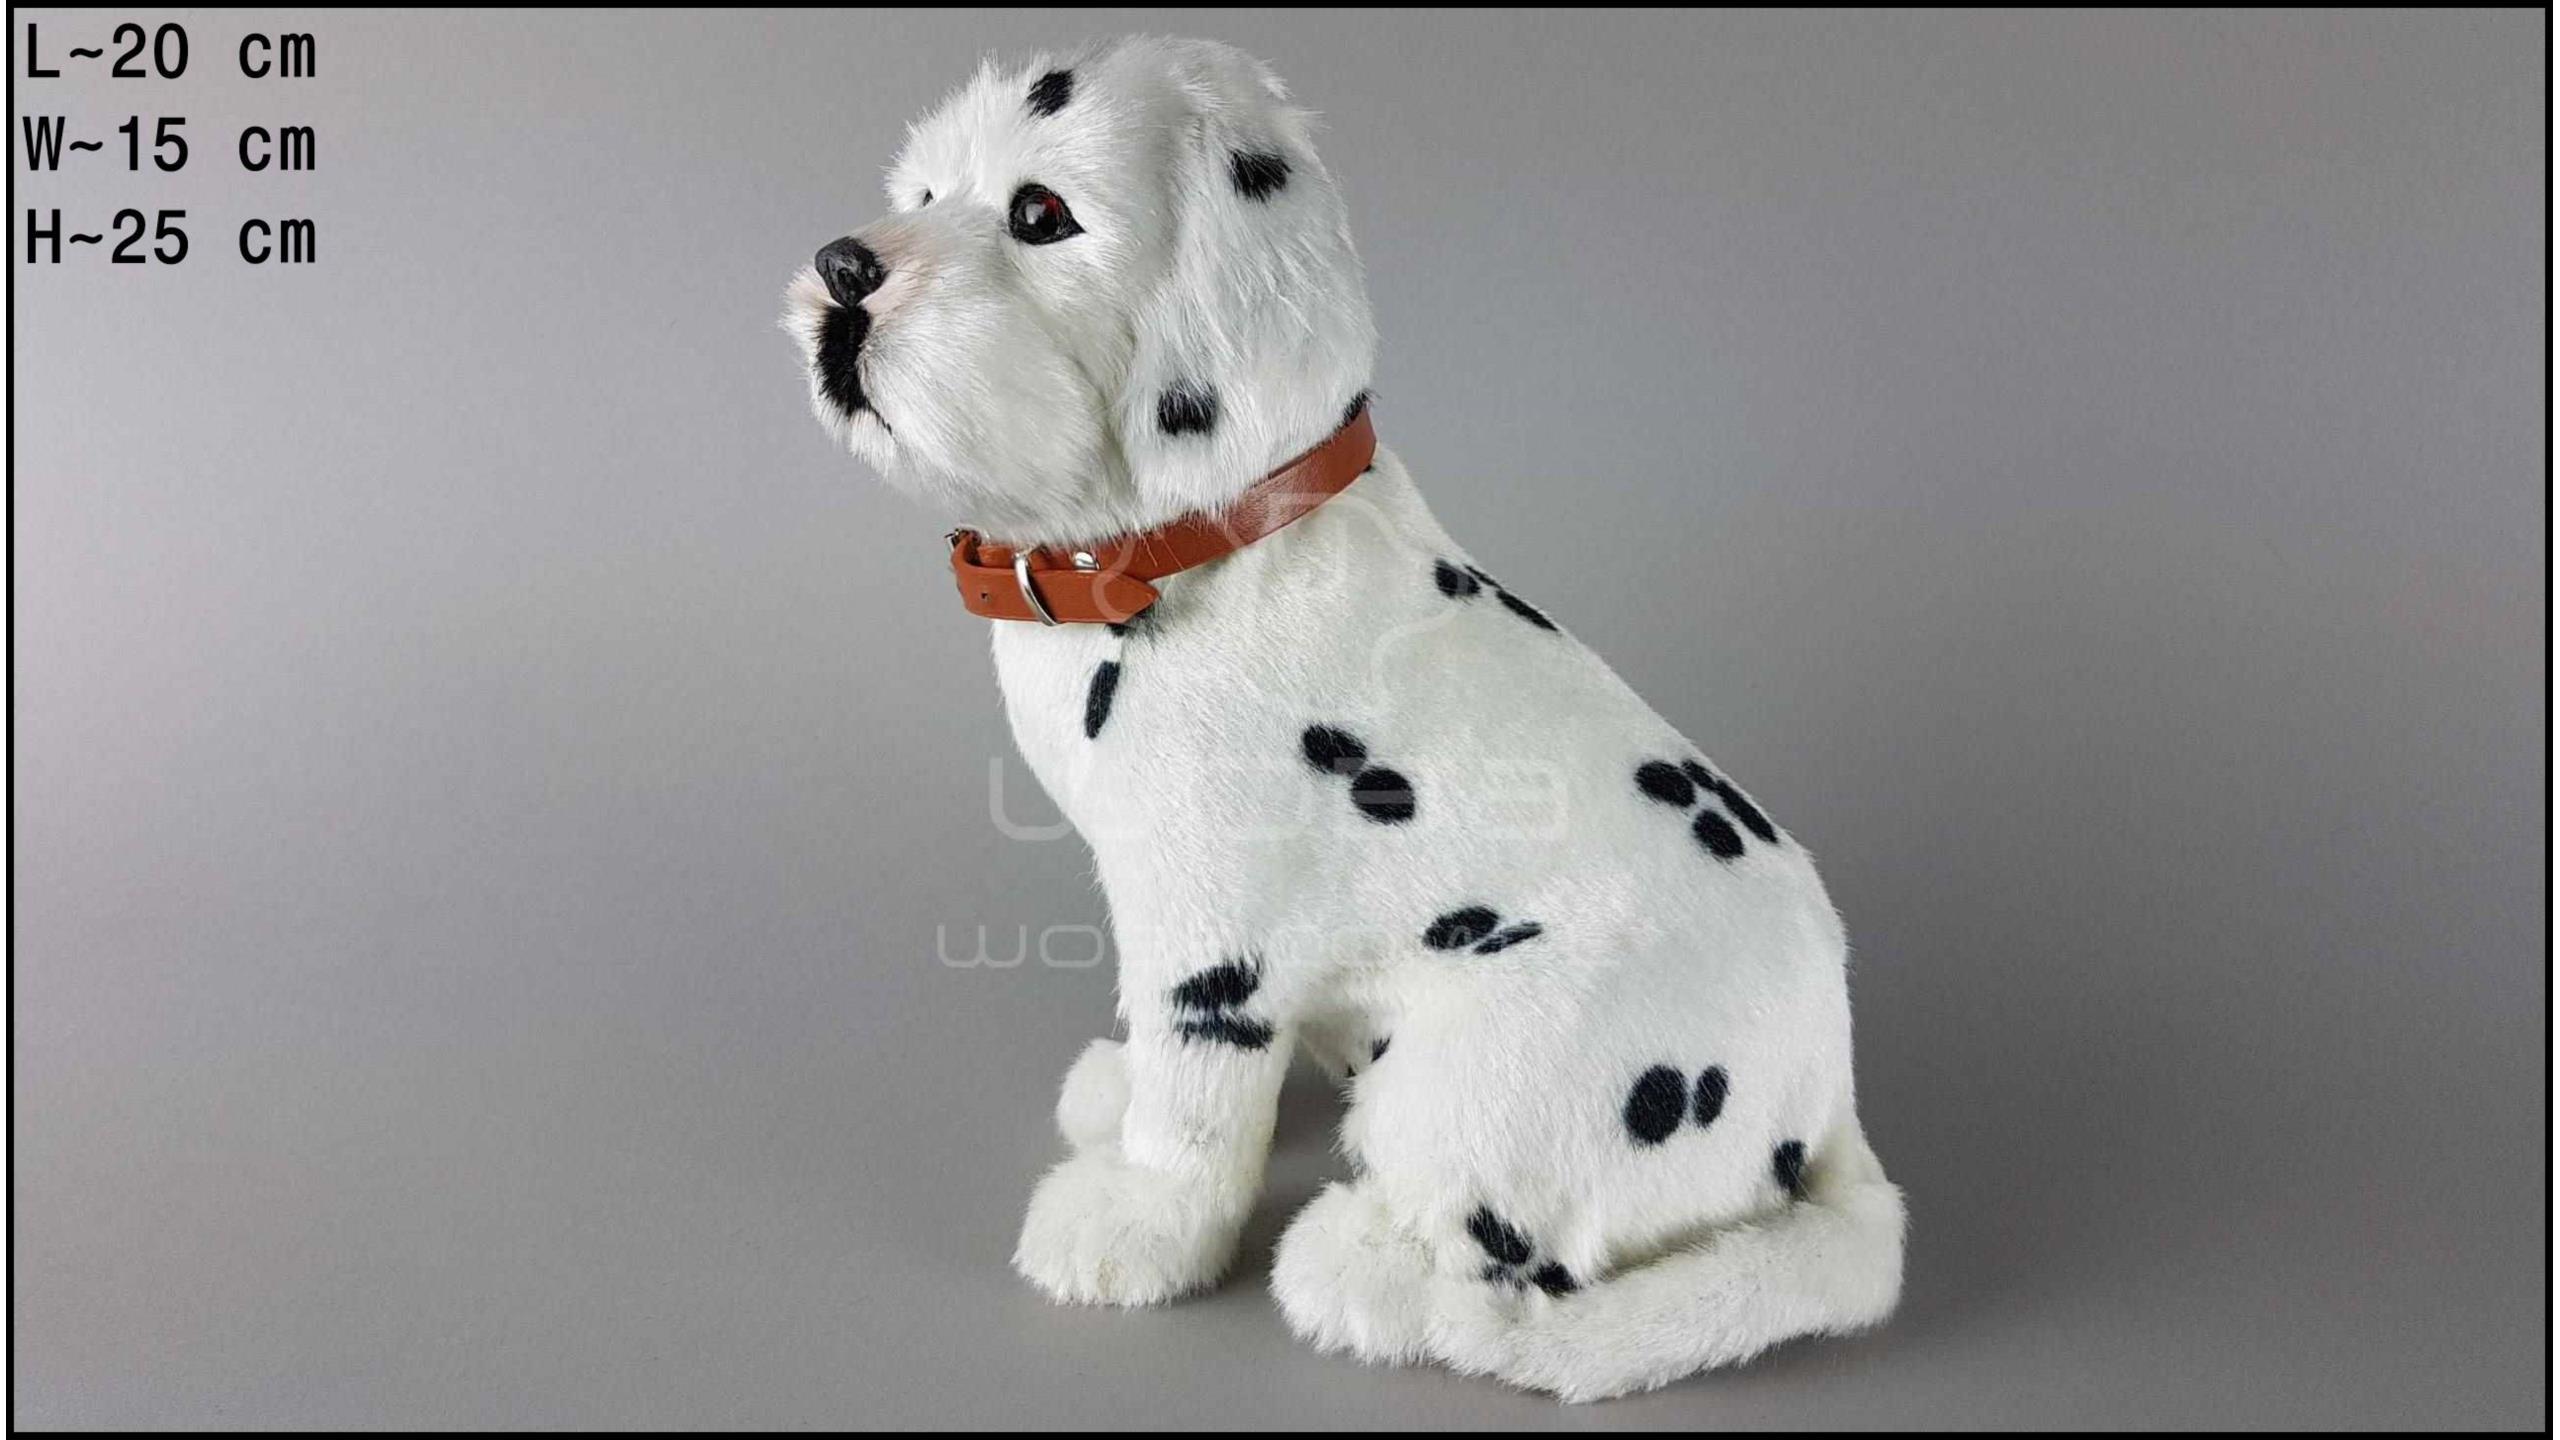 Pies duży - Dalmatyńczyk